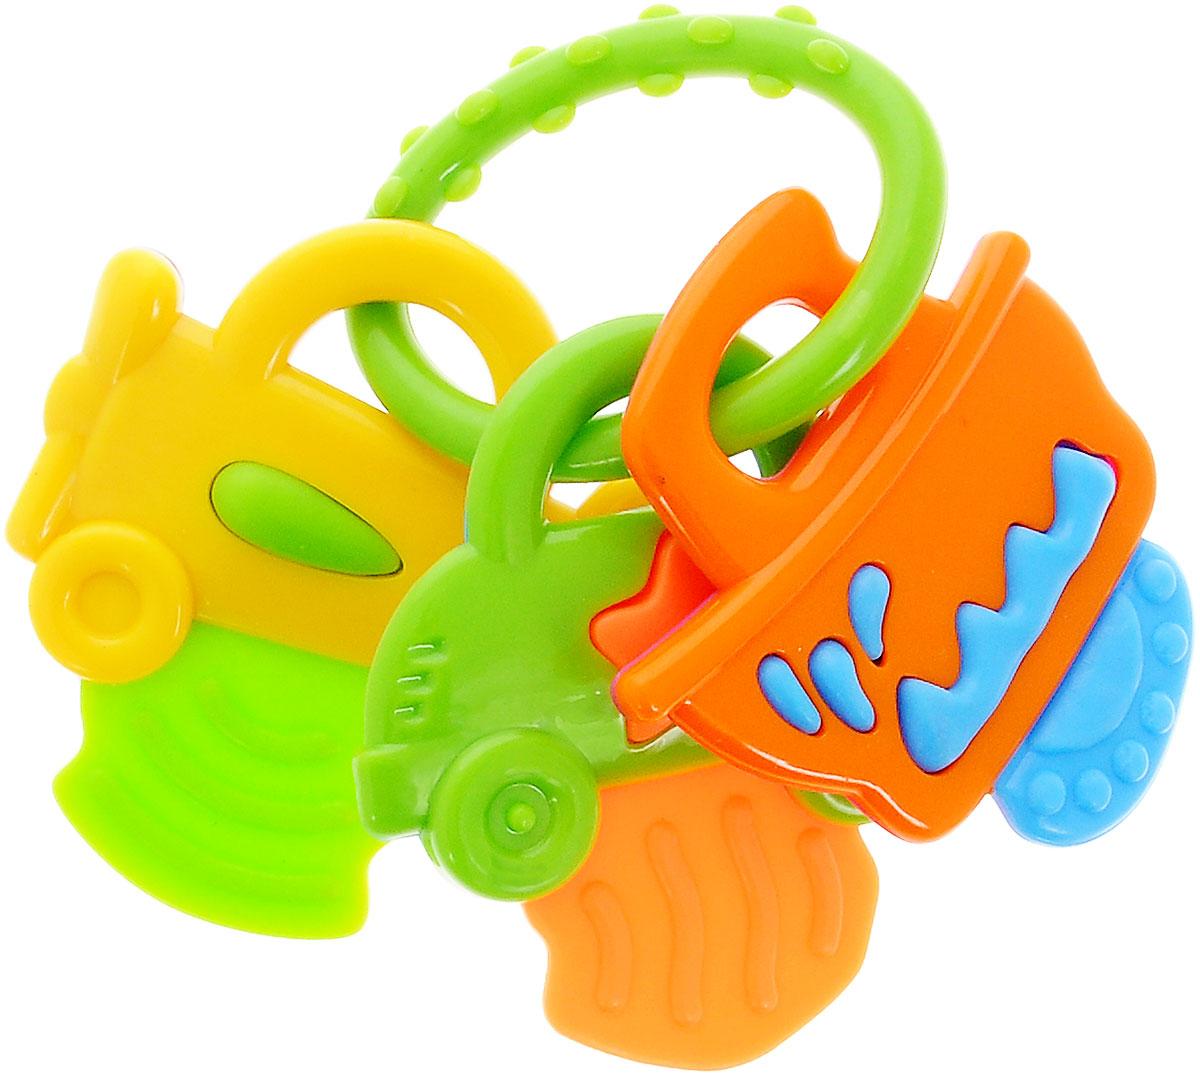 Mioshi Прорезыватель Машинки цвет салатовыйTY9043_зеленыйПогремушка Mioshi Машинки - важная игрушка для малышей, у которых режутся зубки. В эти моменты так хочется что-то грызть, и хорошо, если есть прорезыватель из безвредных материалов, который облегчит эти неприятные минуты! У этой погремушки такое удобное кольцо для захвата и ее приятно держать в руках! Дети в раннем возрасте всегда очень любознательны, они тщательно исследуют все, что попадает им в руки. > Игра с погремушкой способствует развитию мелкой моторики, восприятия формы и цвета предметов, а также слуха и зрения. Заботясь о здоровье и безопасности малышей, Mioshi выпускает только качественную продукцию, которая прошла сертификацию.